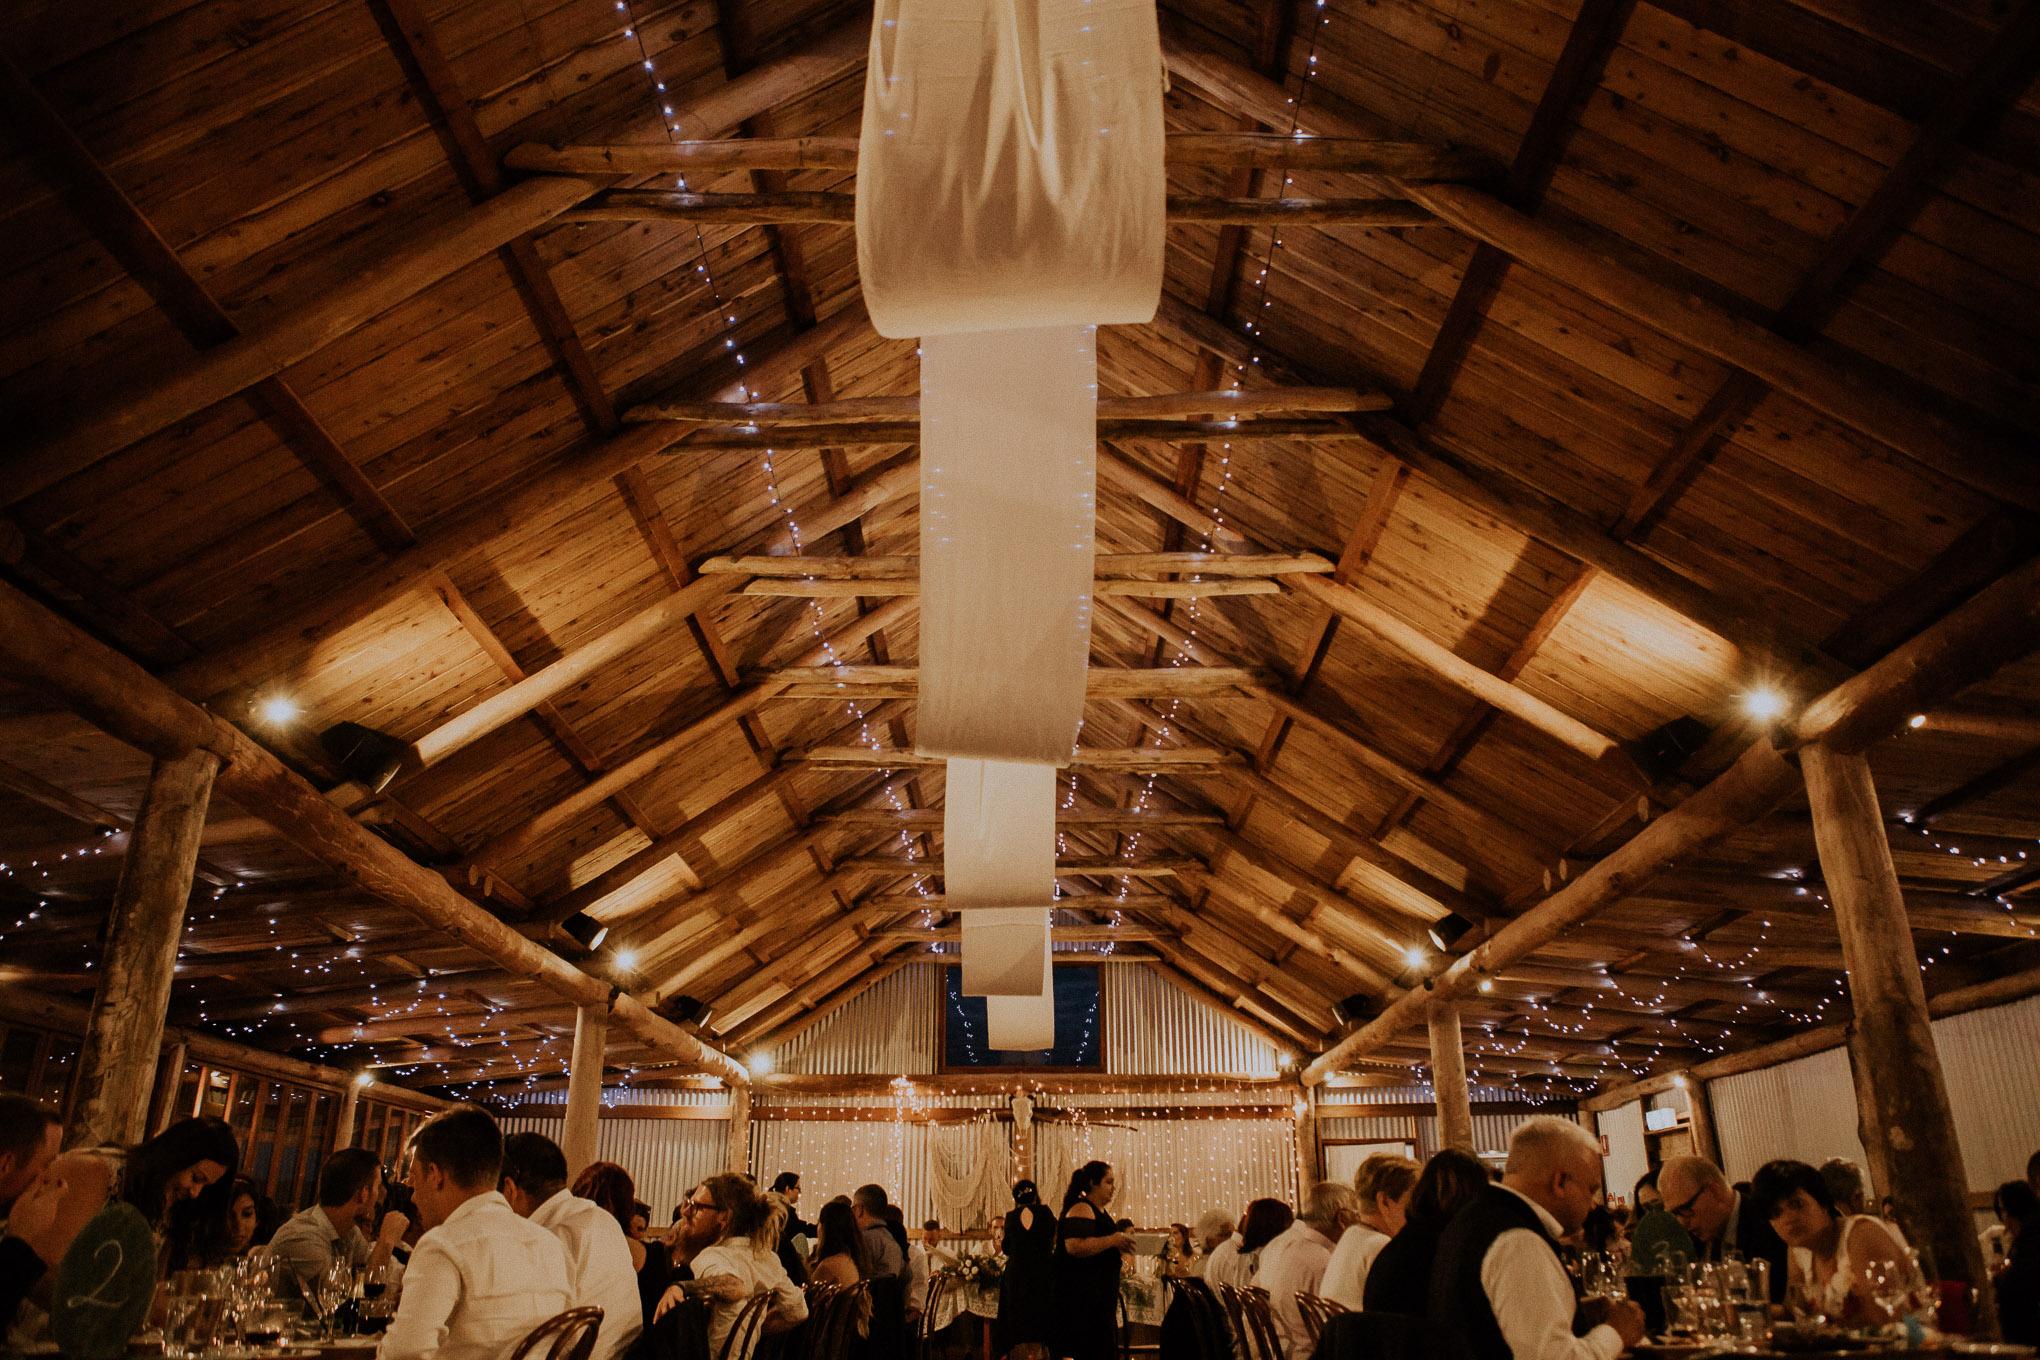 An evening wedding reception at Waldara Farm